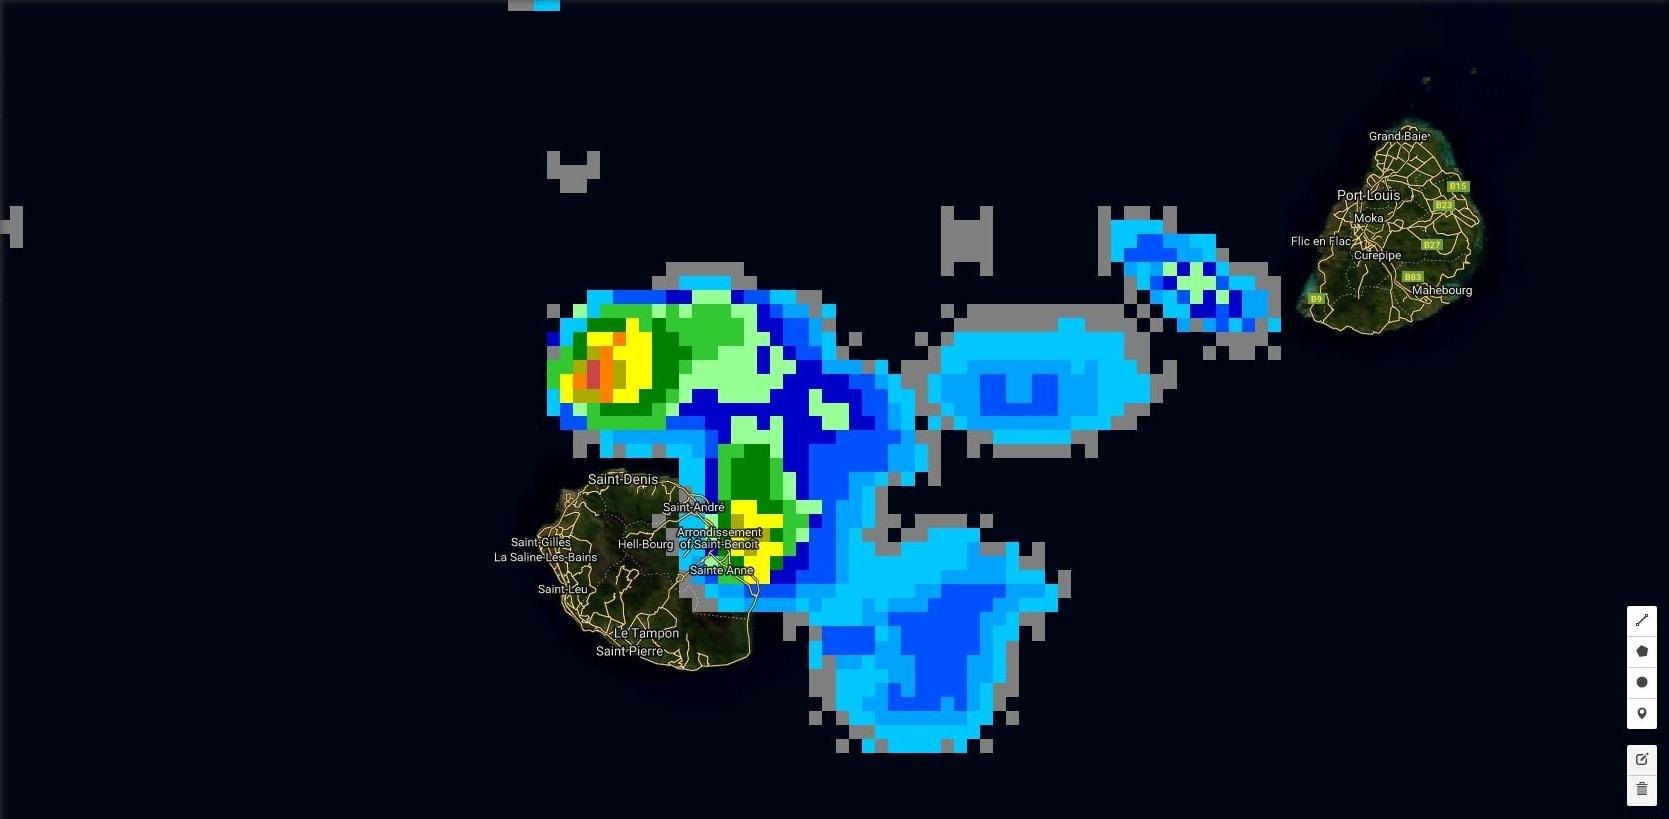 Réunion: le foyer orageux le plus actif est tout proche de Saint André/Saint Benoît. Image satellite à 03h30.